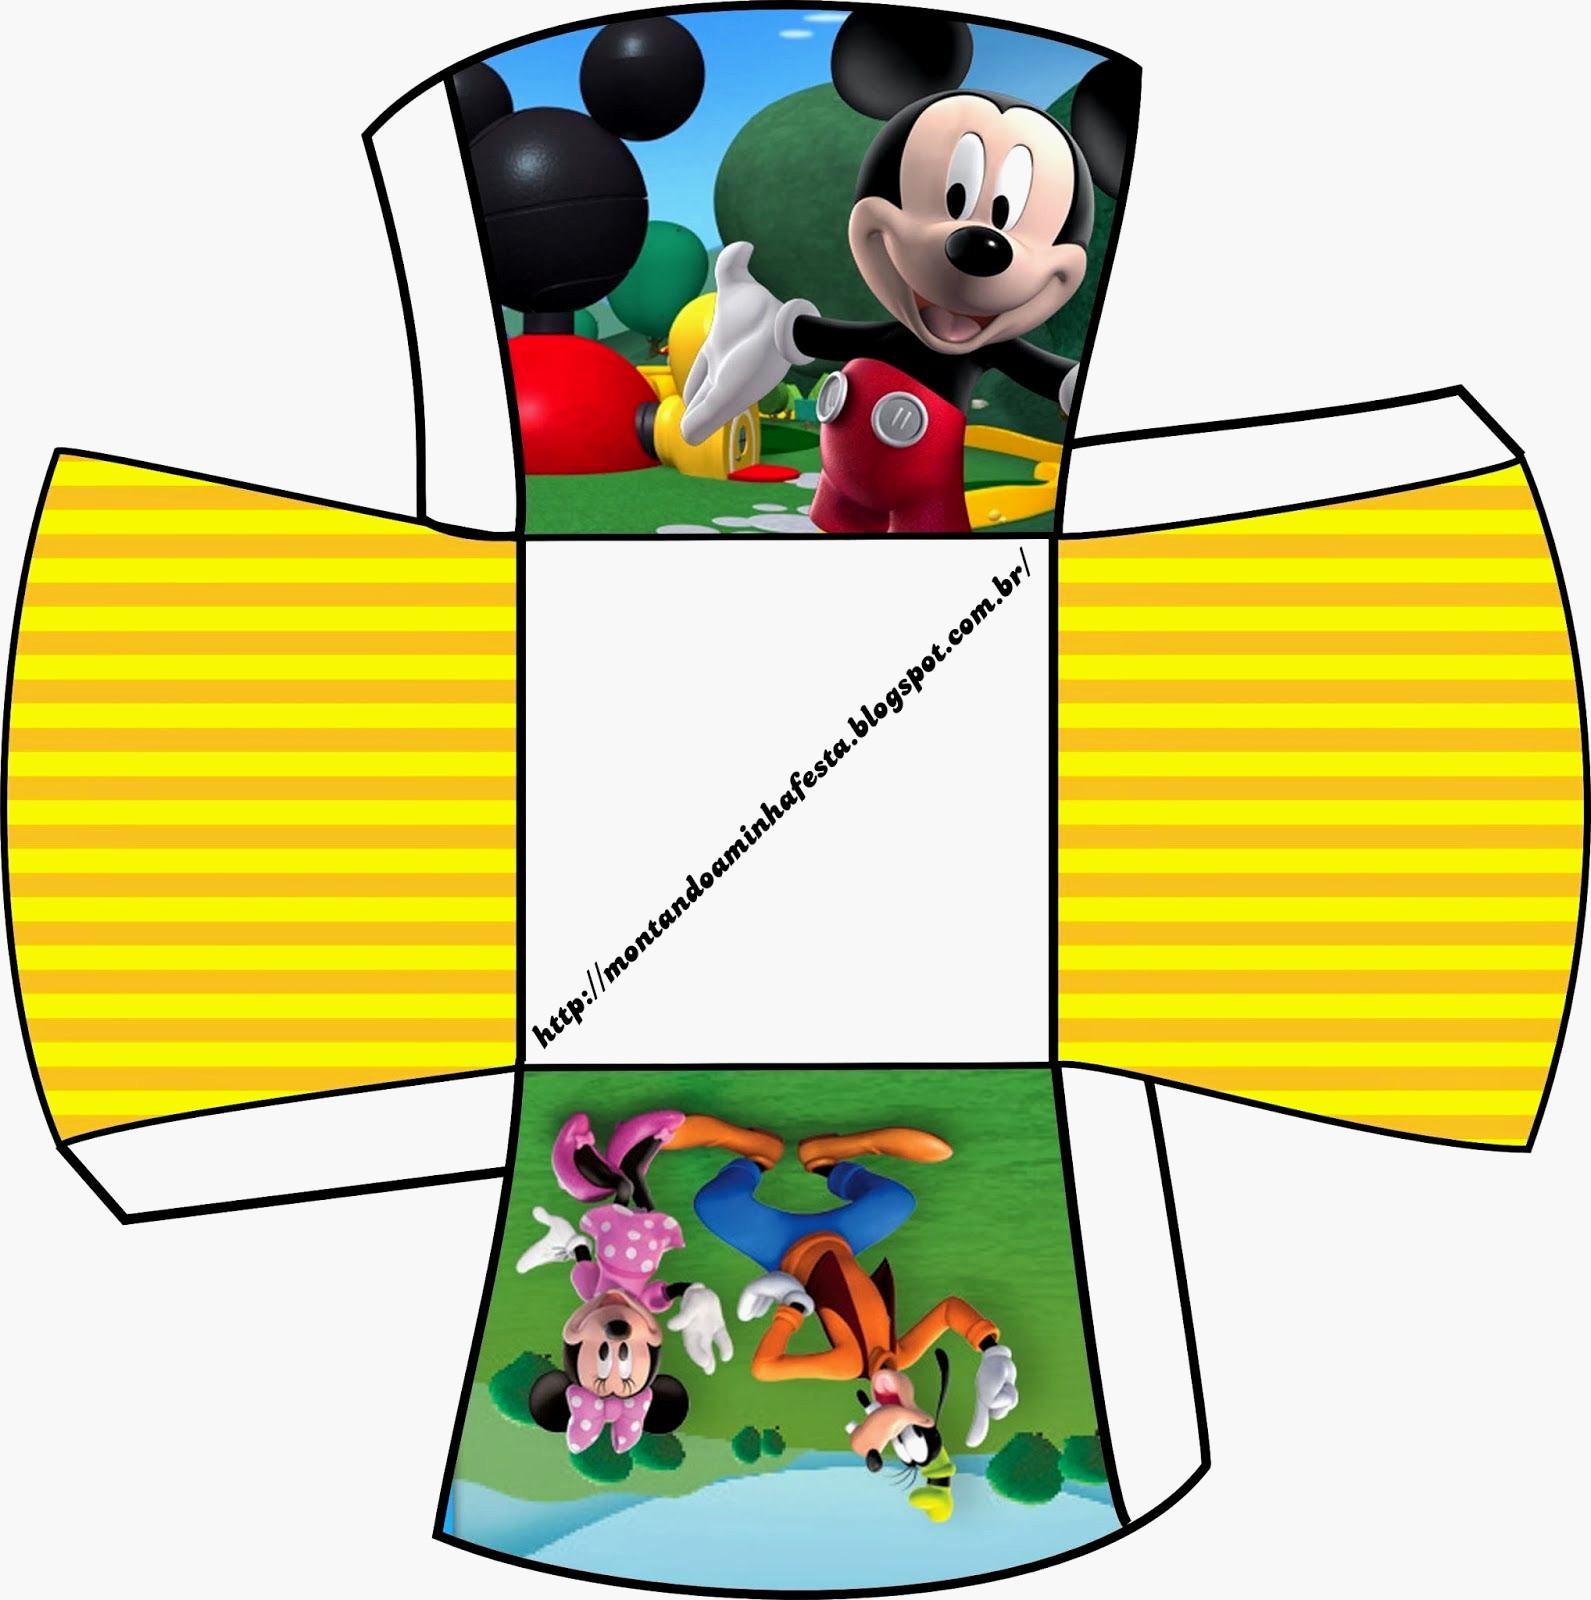 Imprimir Um Calendario Recientes Imagem Da Minnie Para Imprimir Baixar Resultado De Imagem Para